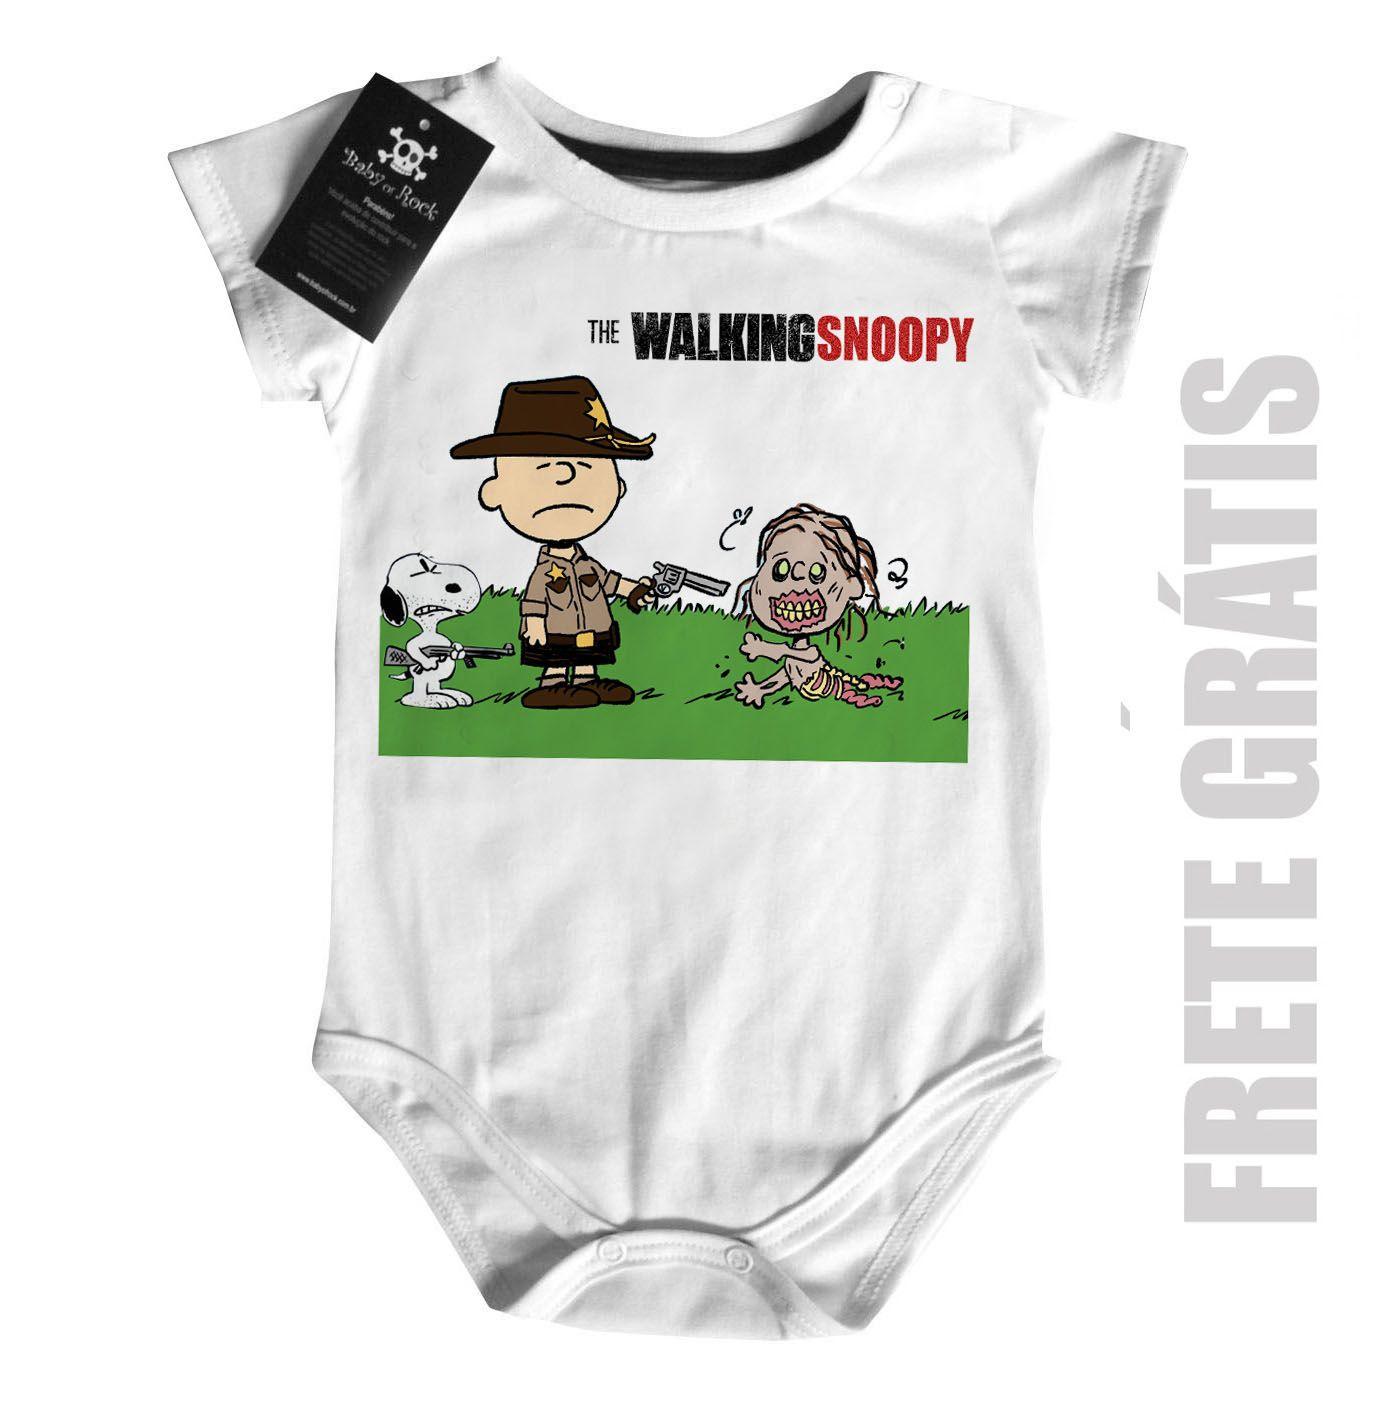 Body Bebê Filmes The Walking Dead Snoopy   - Baby Monster S/A